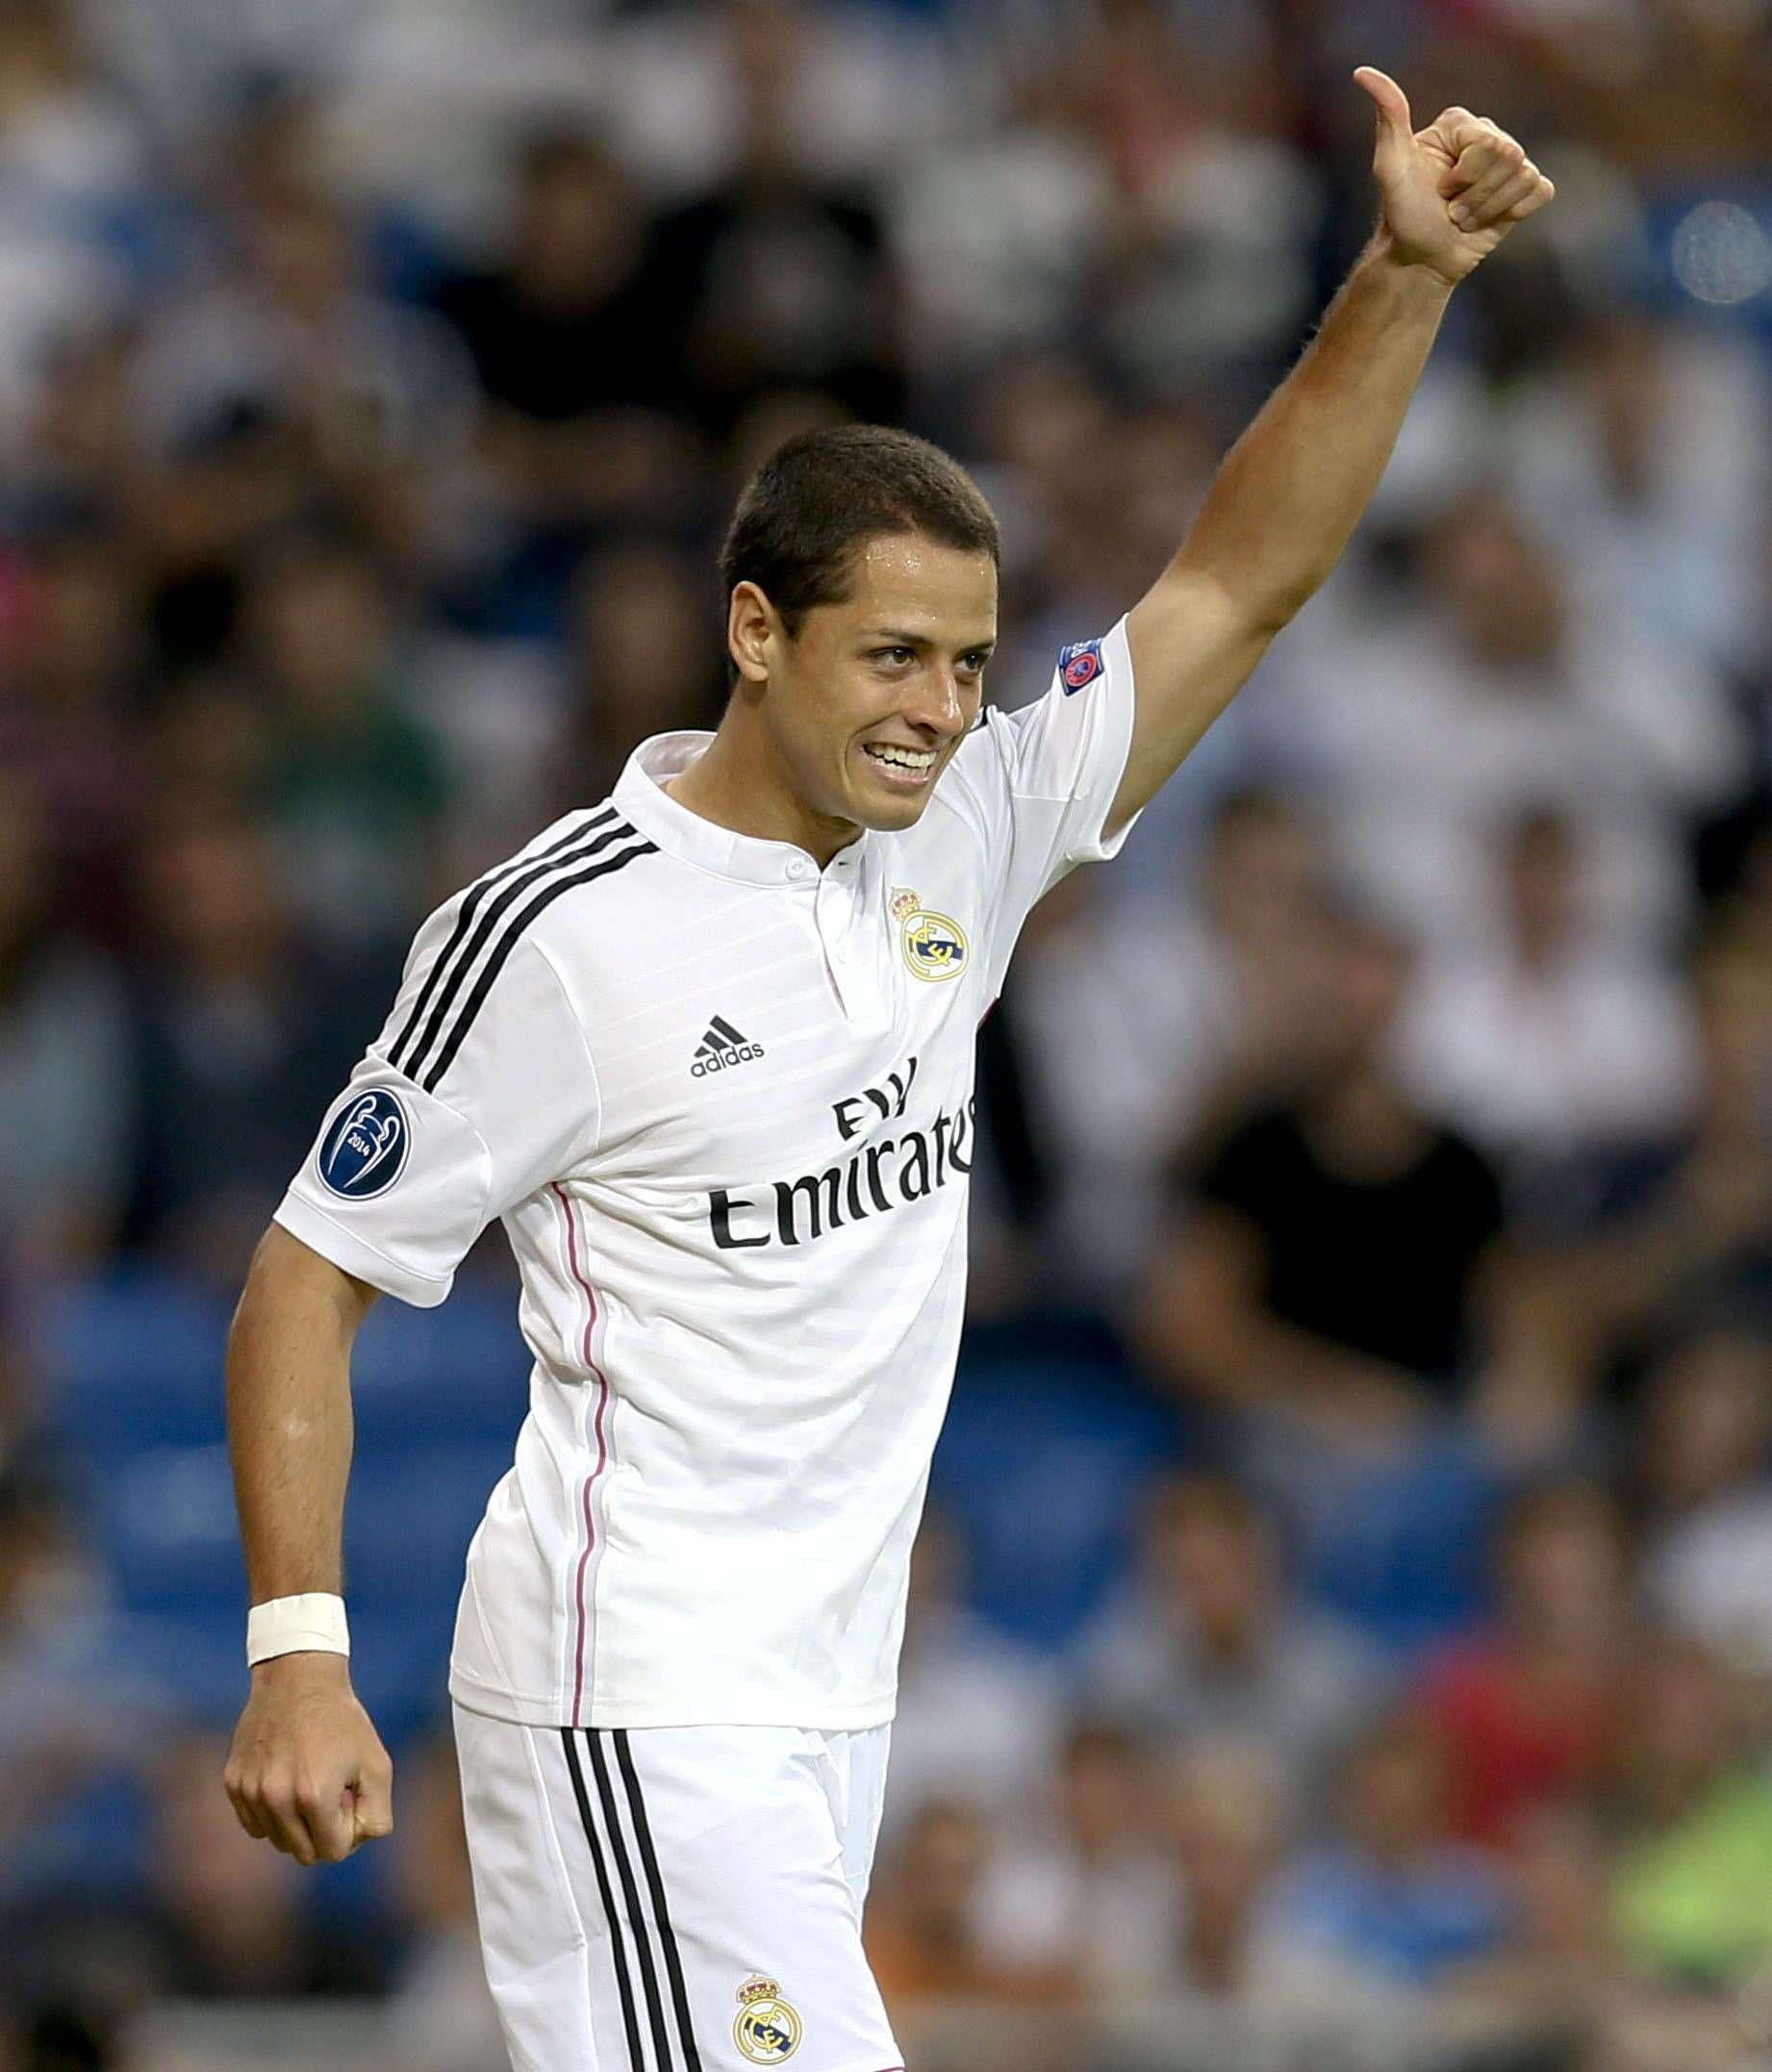 """Javier """"Chicharito"""" Hernández anotó dos goles en la goleada del Real Madrid ante Deportivo La Coruña. Foto: EFE"""